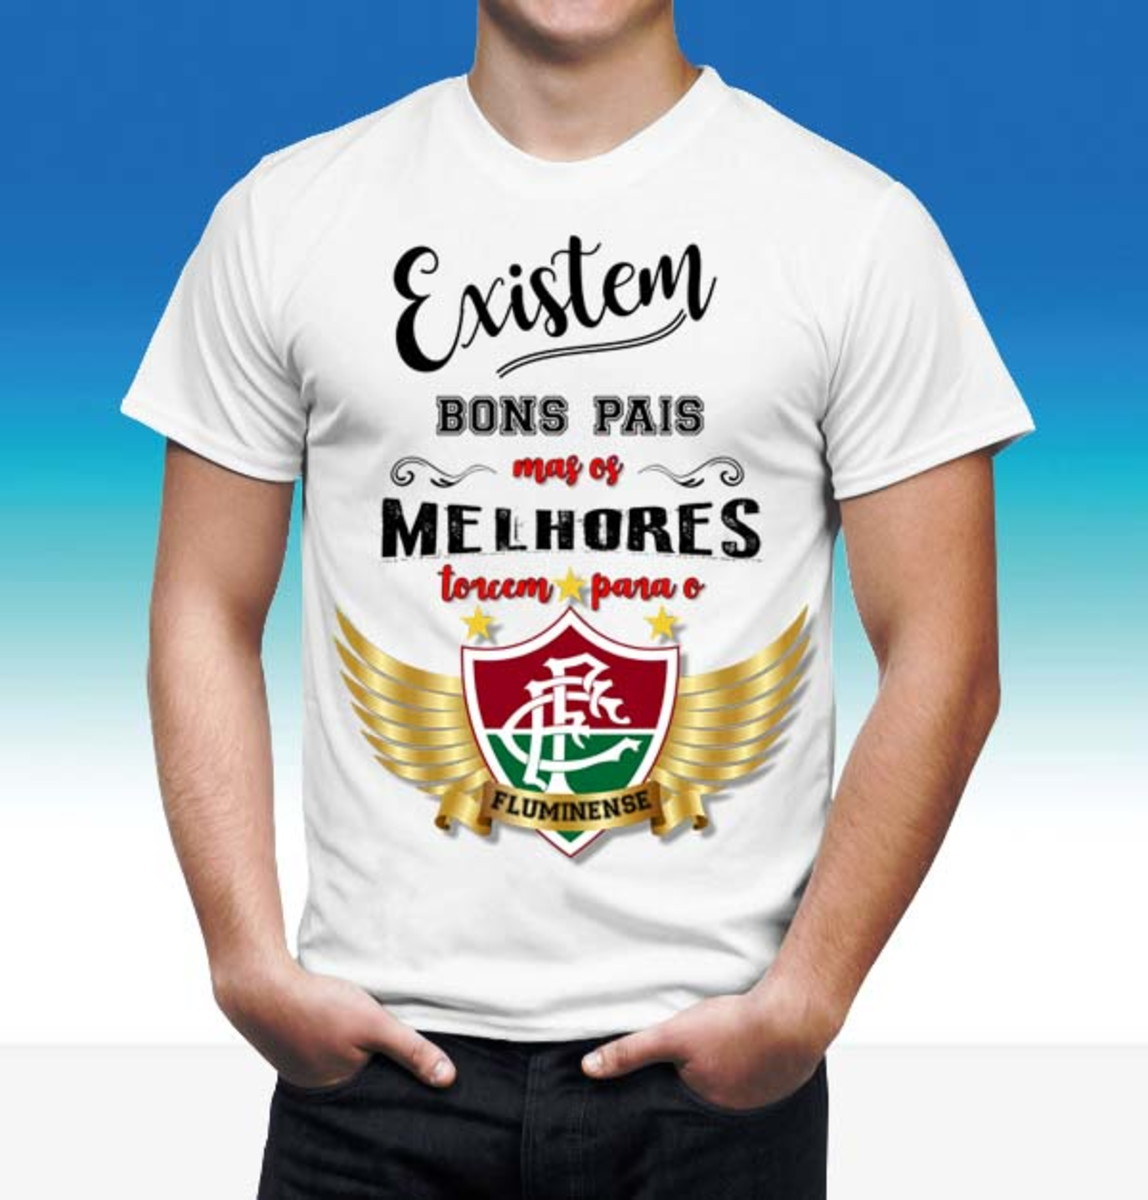 Camisa dia dos Pais Time FLUMINENSE no Elo7  31b0714bf4be7